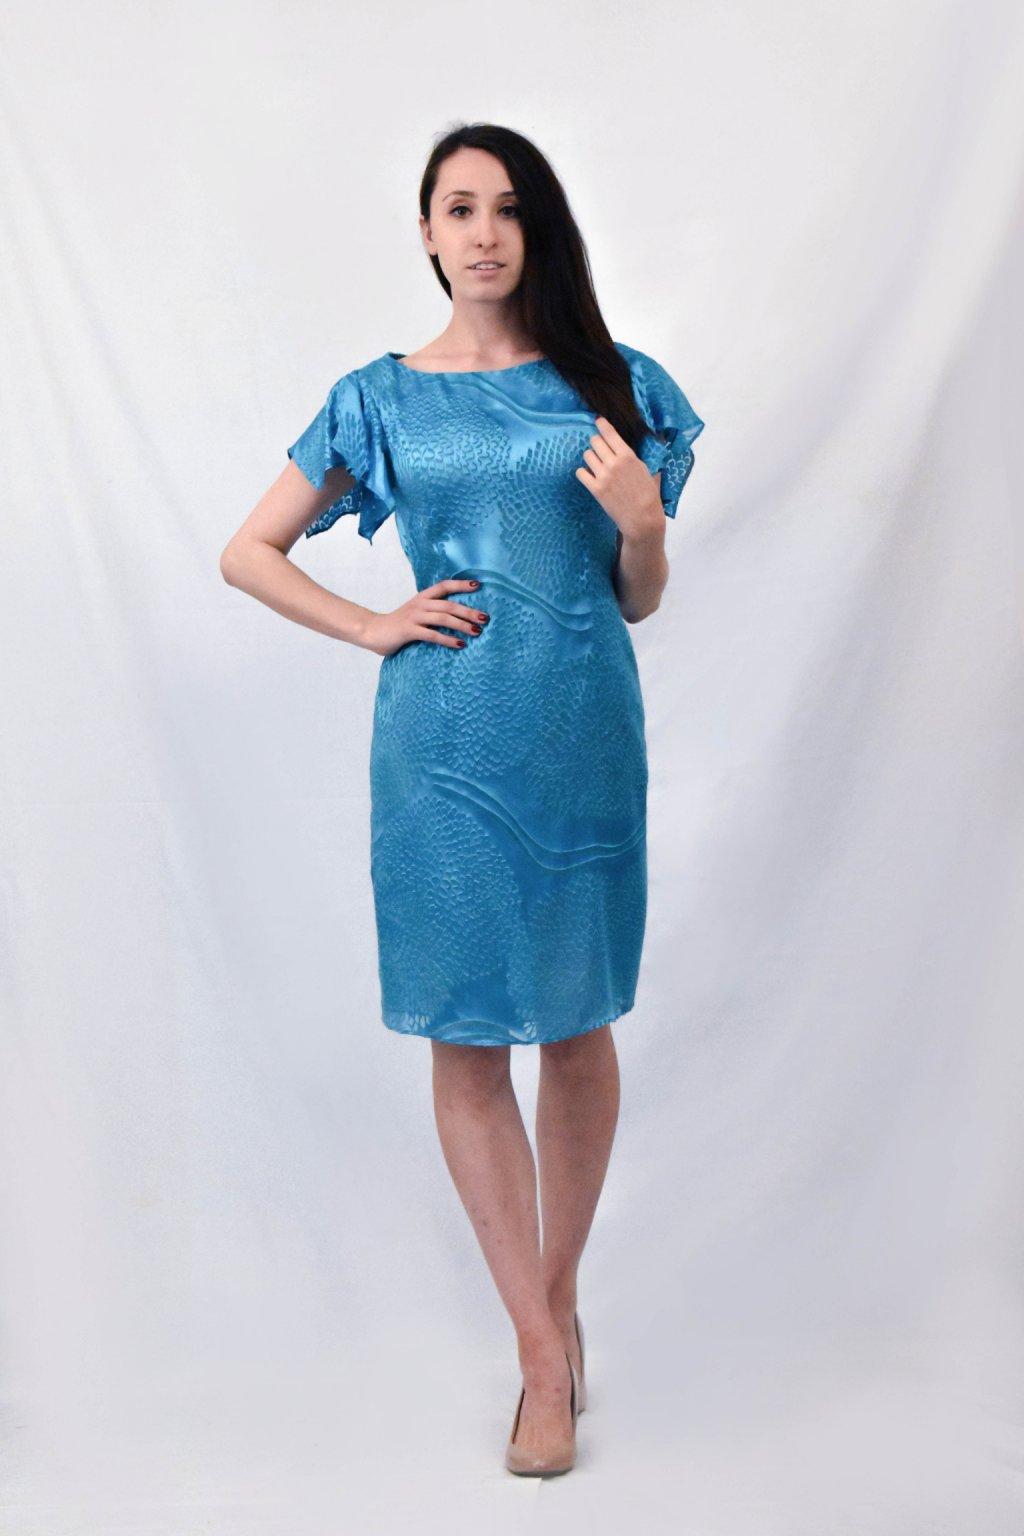 modré šaty předek